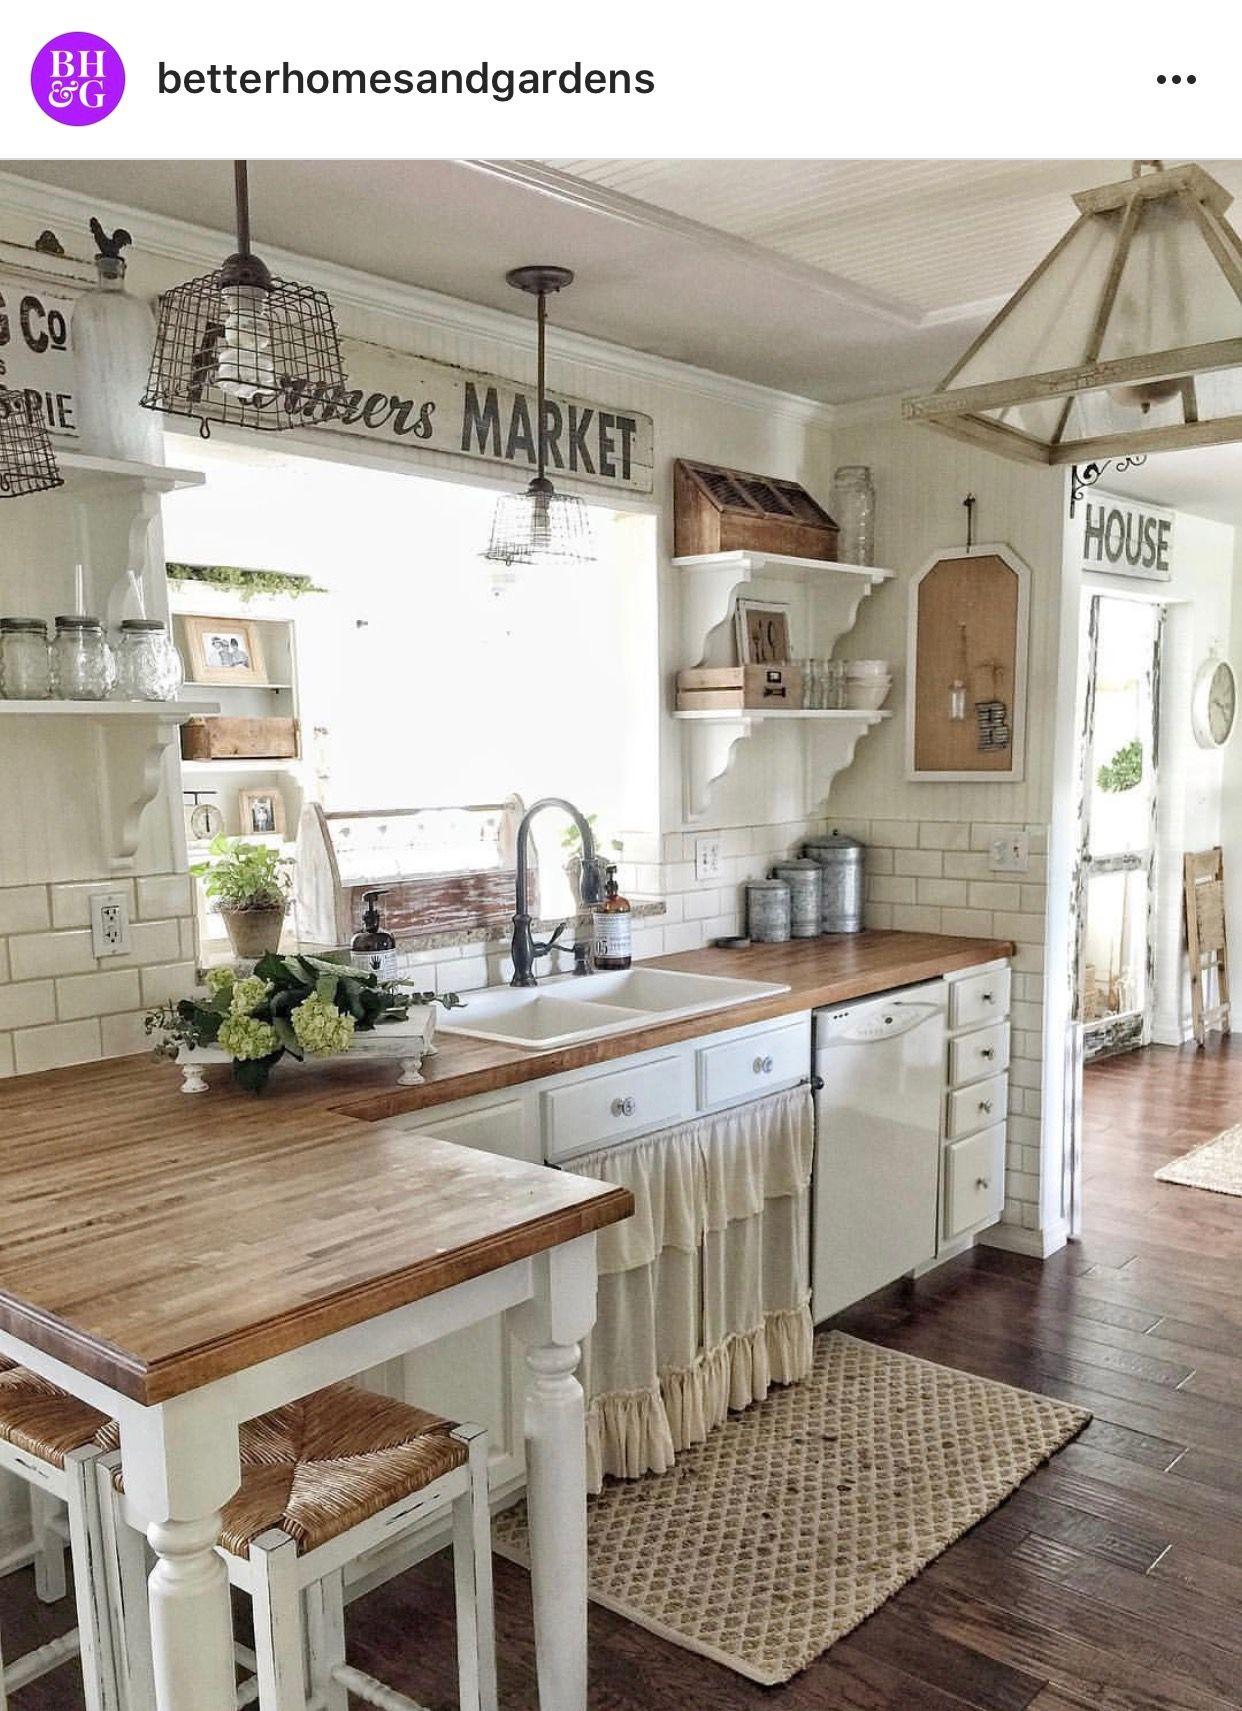 Pin von Kim auf Cabin - Kitchen   Pinterest   Küche, Super und Wohnideen